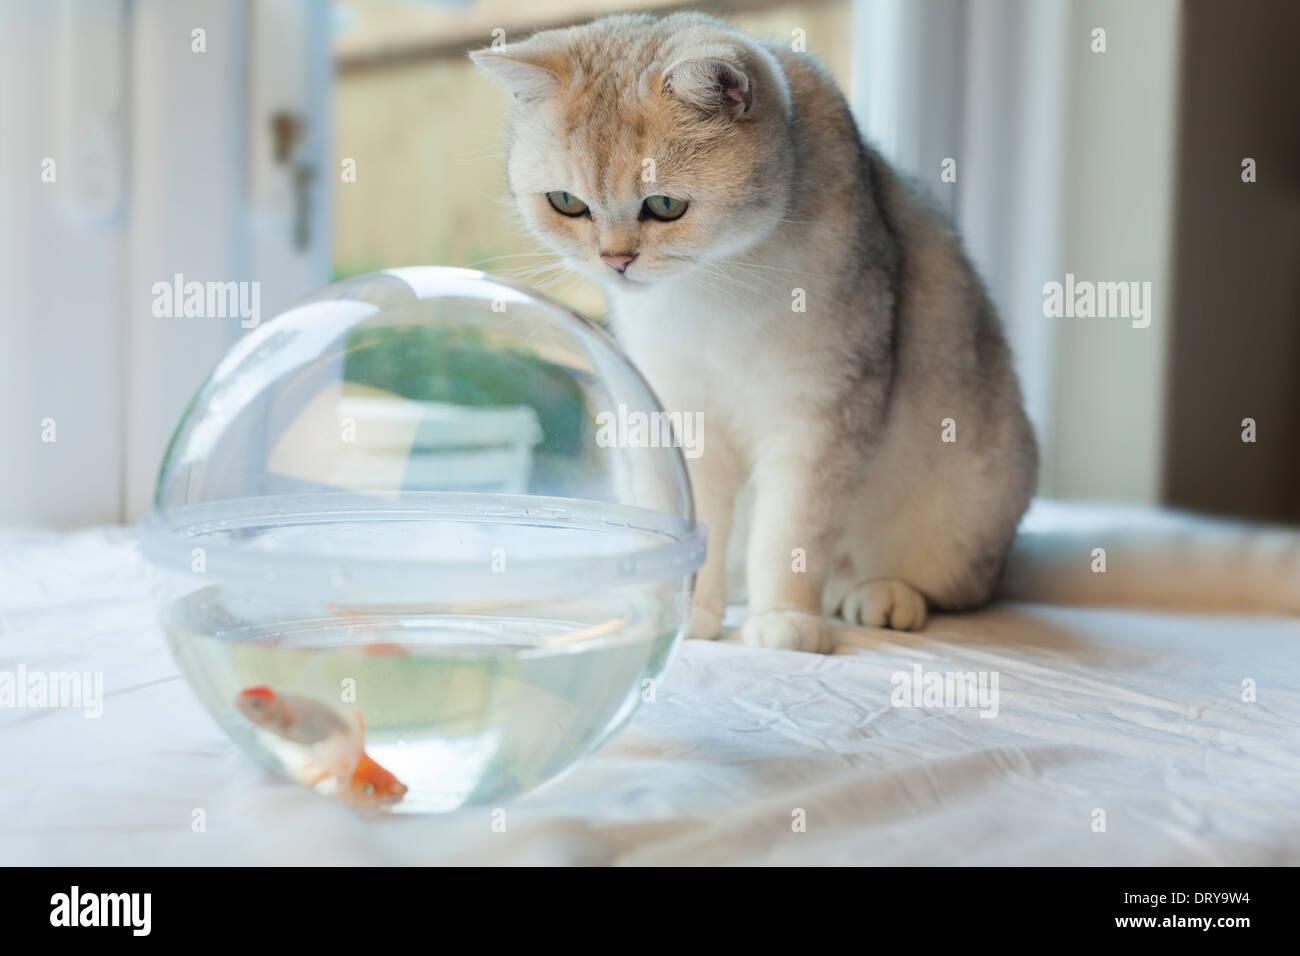 Weiße Katze fasziniert von Goldfische in einem Aquarium Stockbild